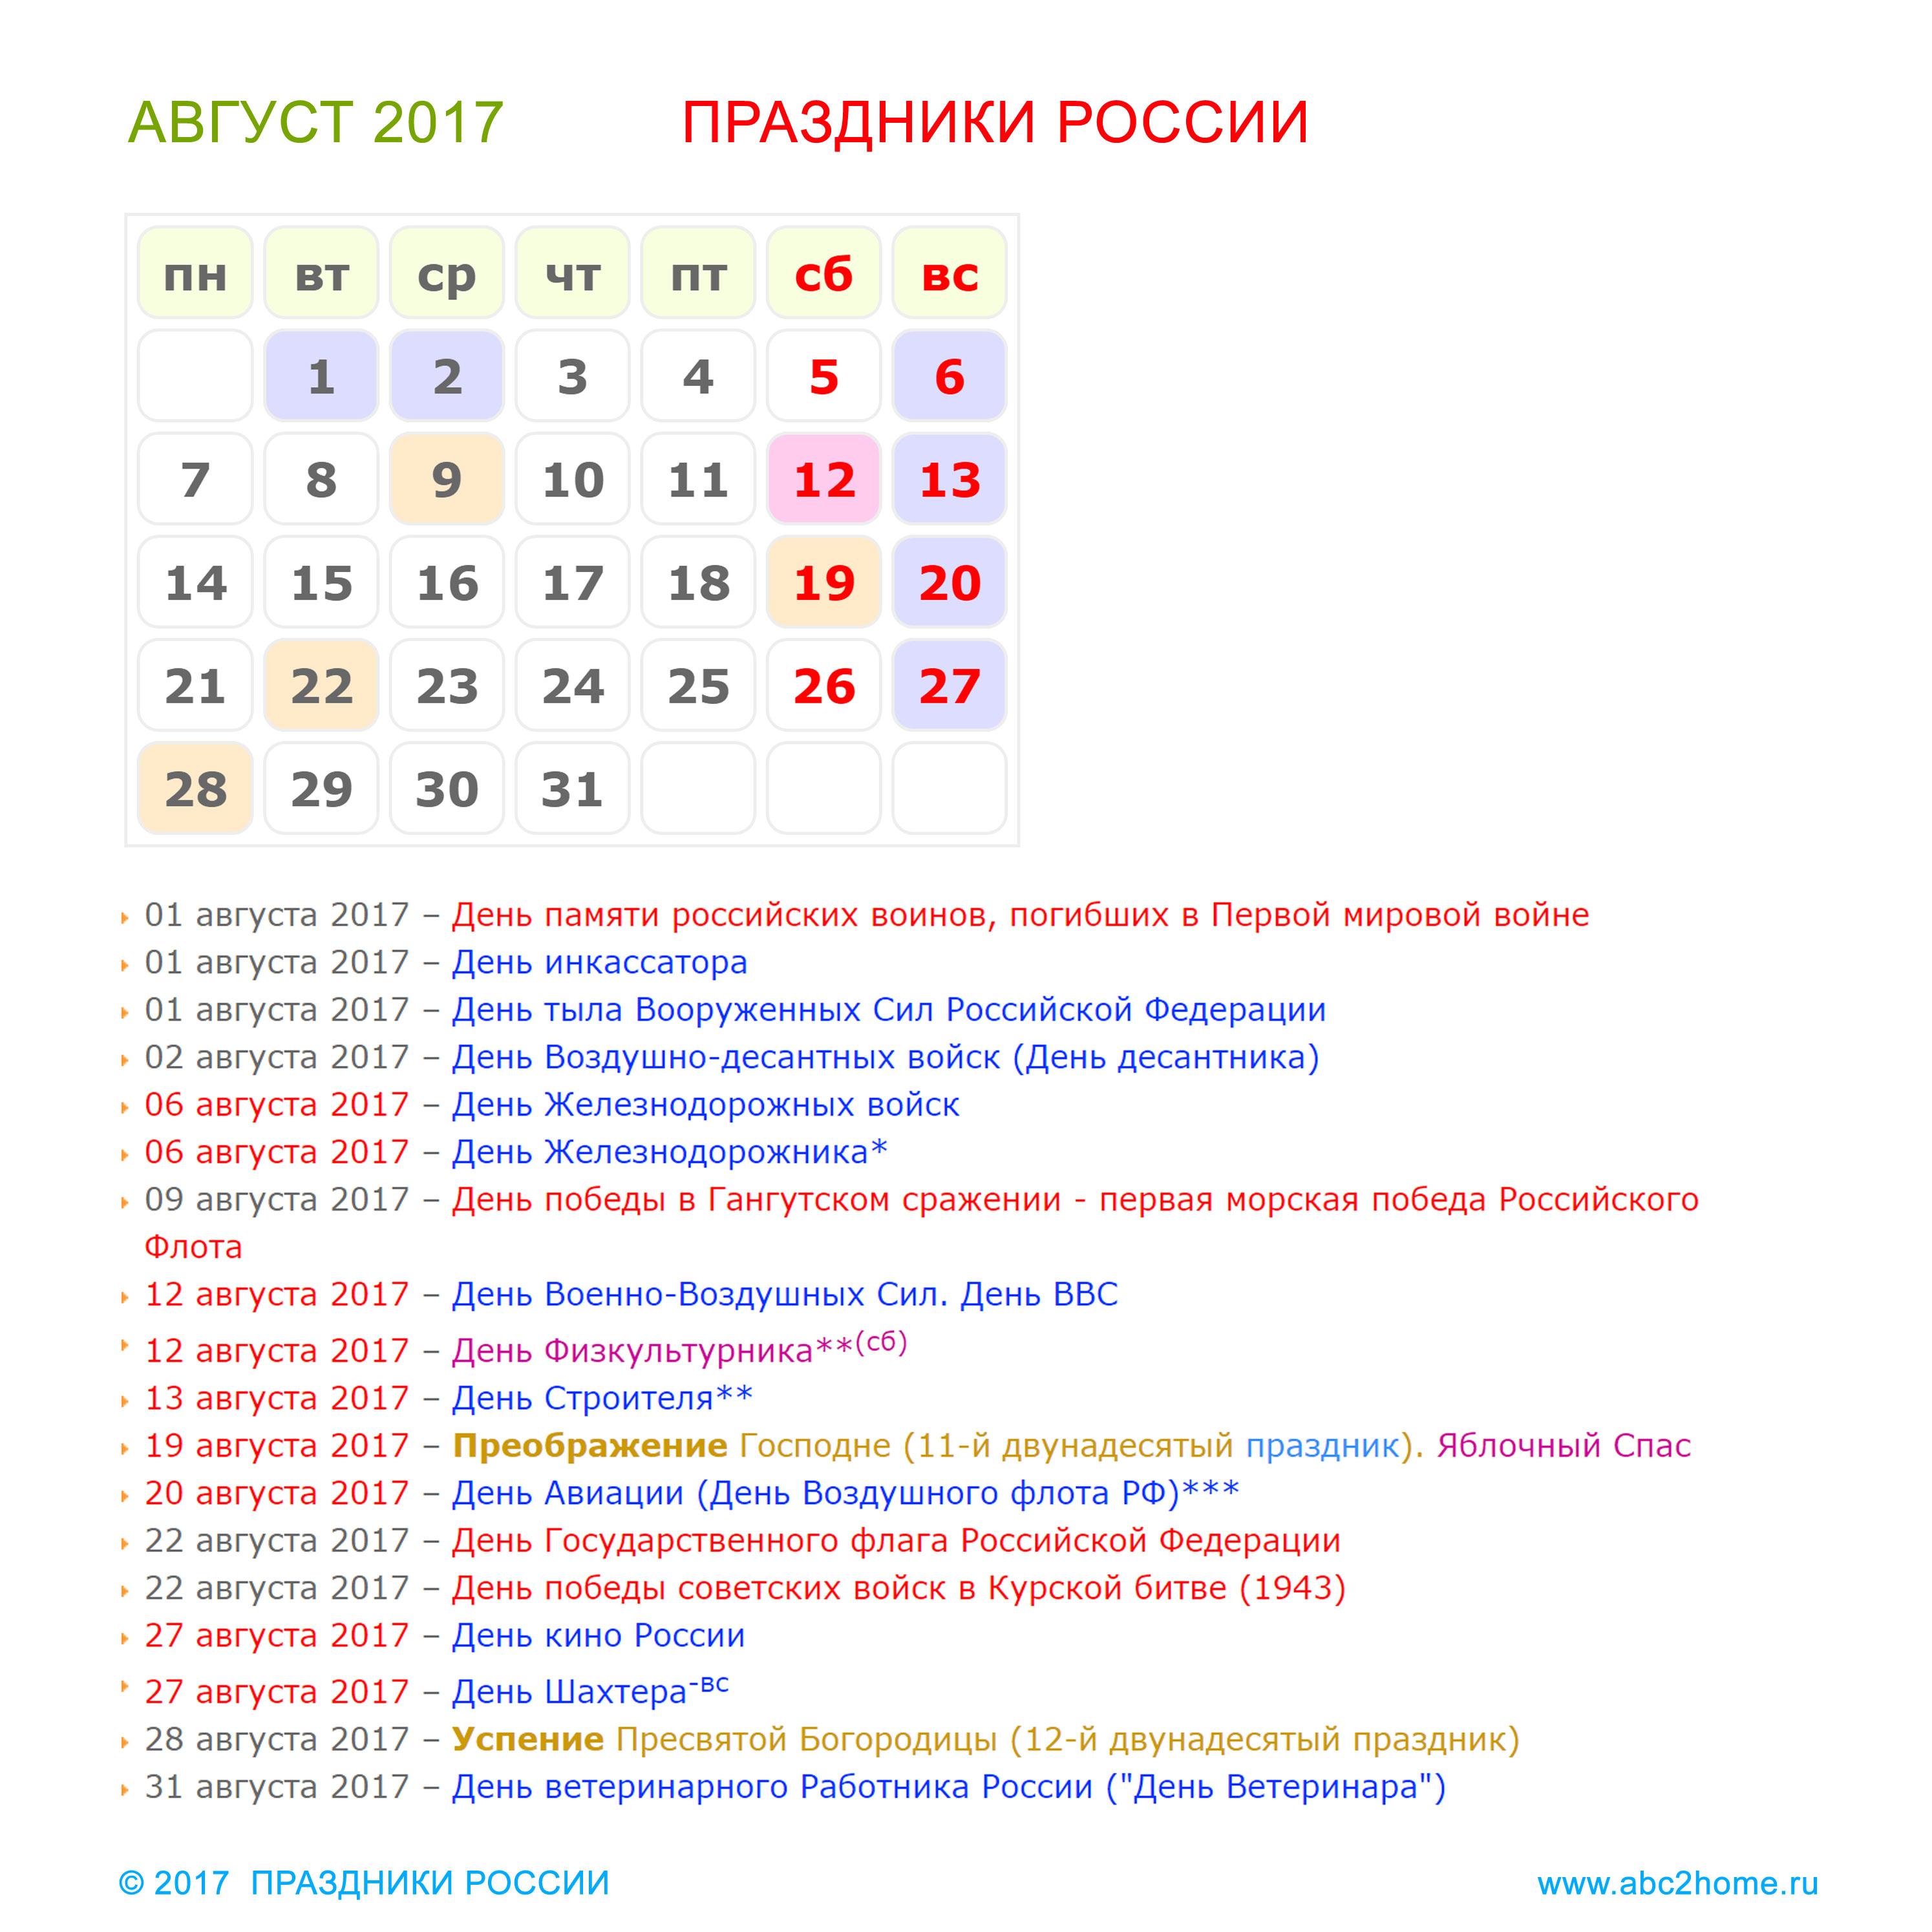 prazdniki_rossii_avgust_201.jpg